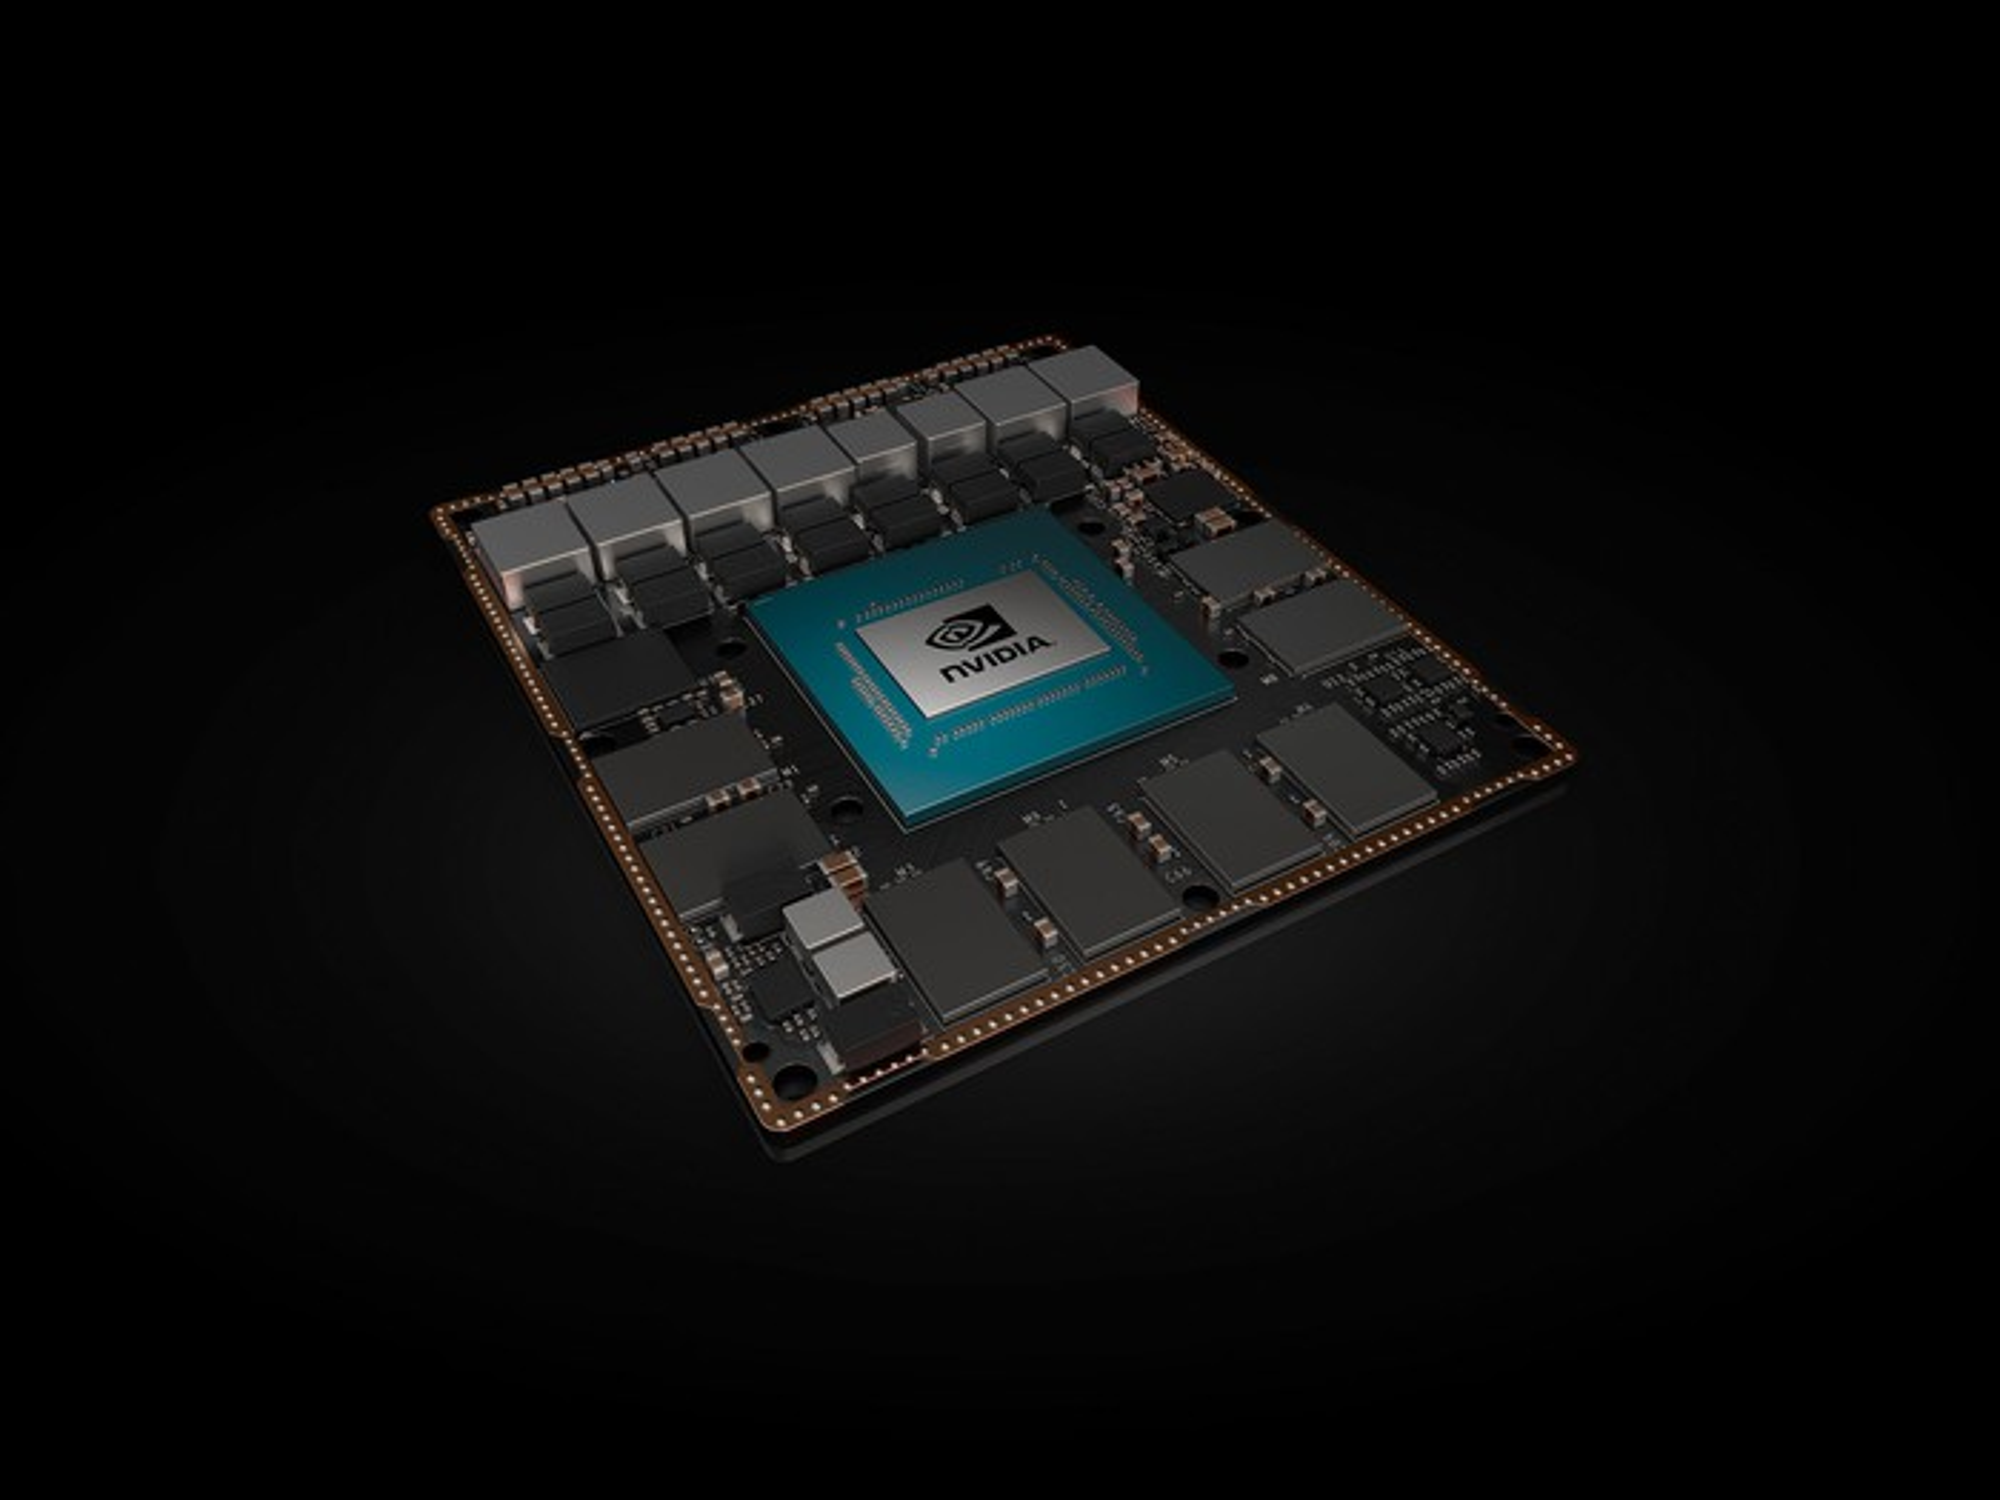 NVIDIA's Xavier automotive platform.